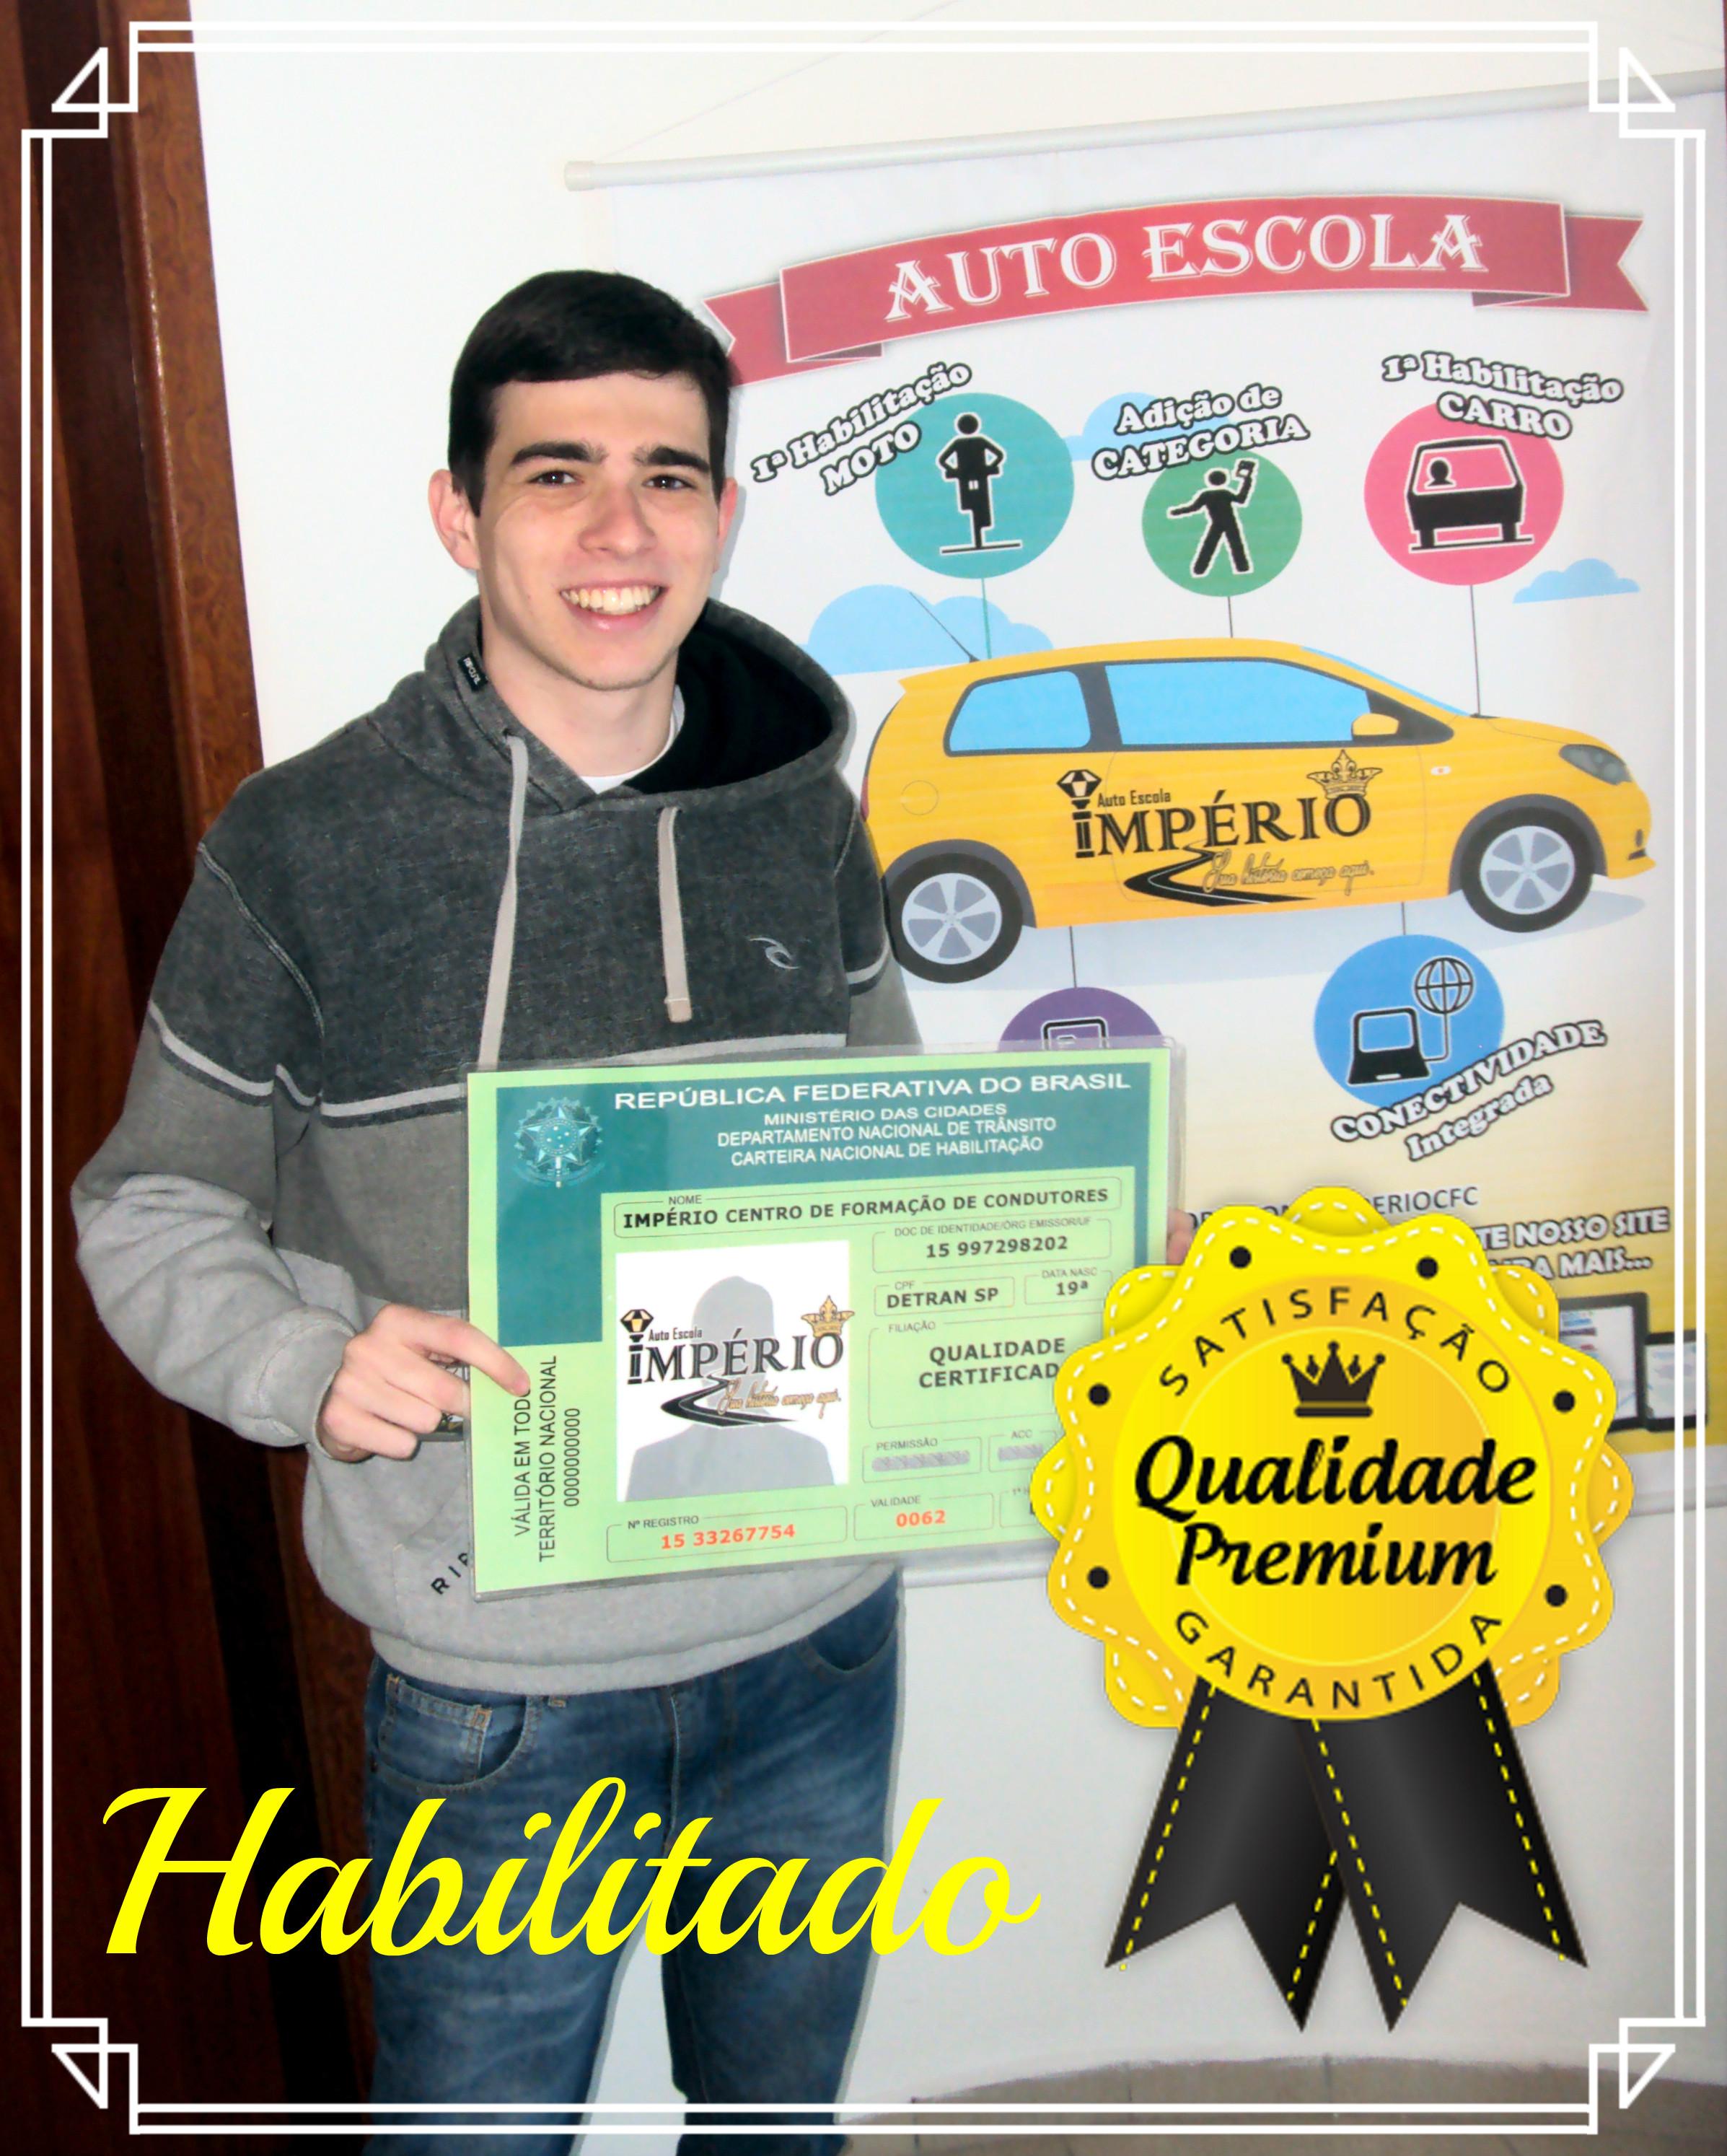 HABILITADO!